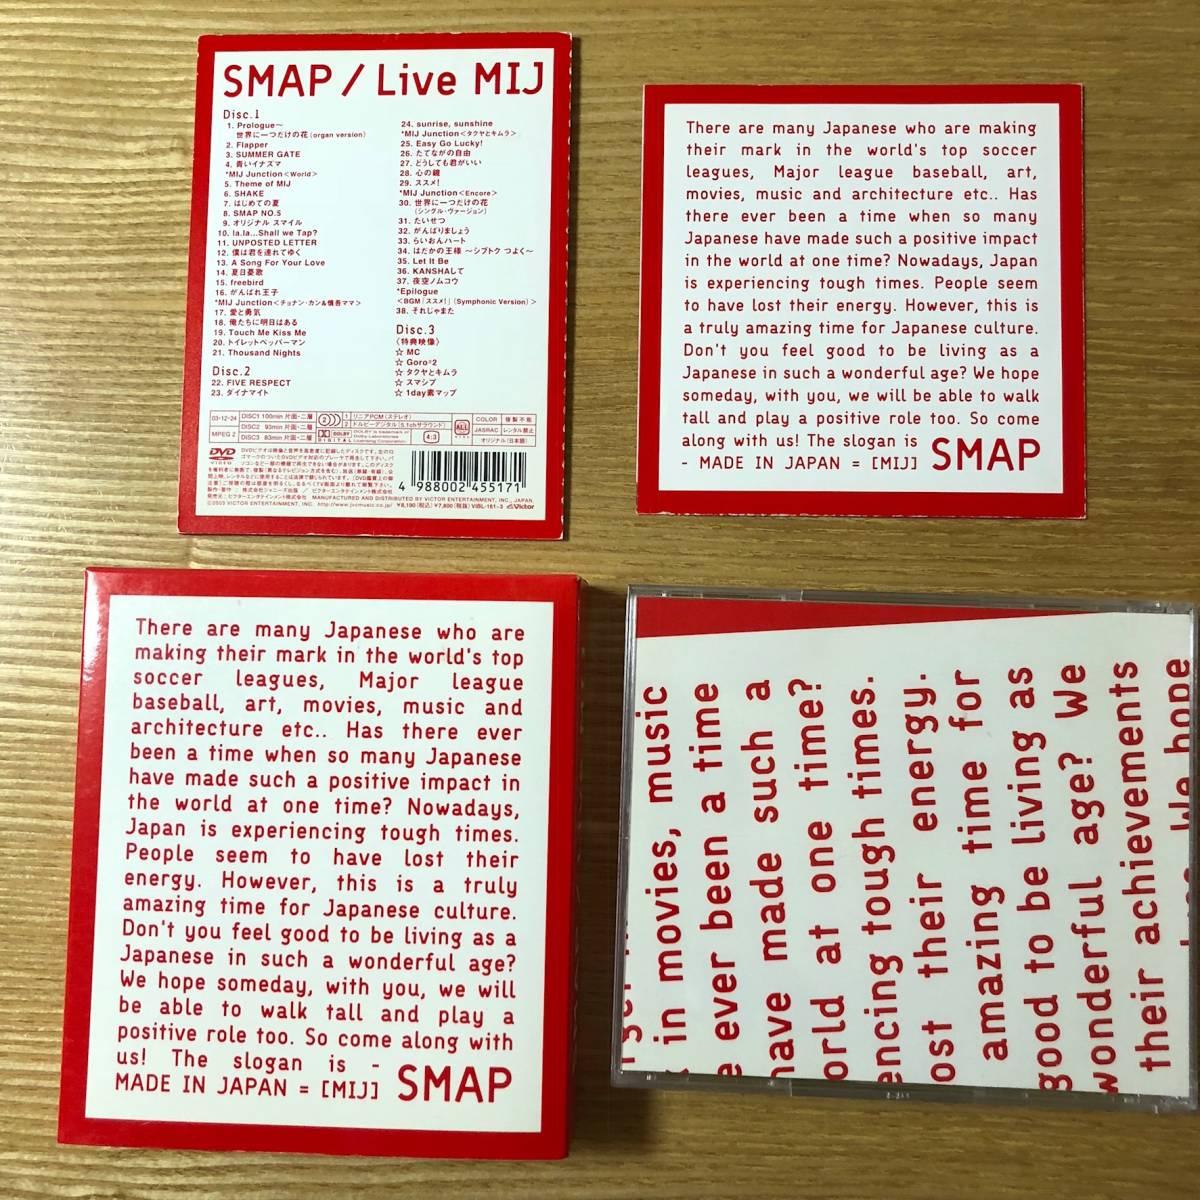 【100円スタート SMAP DVD】SMAP/Live MIJ